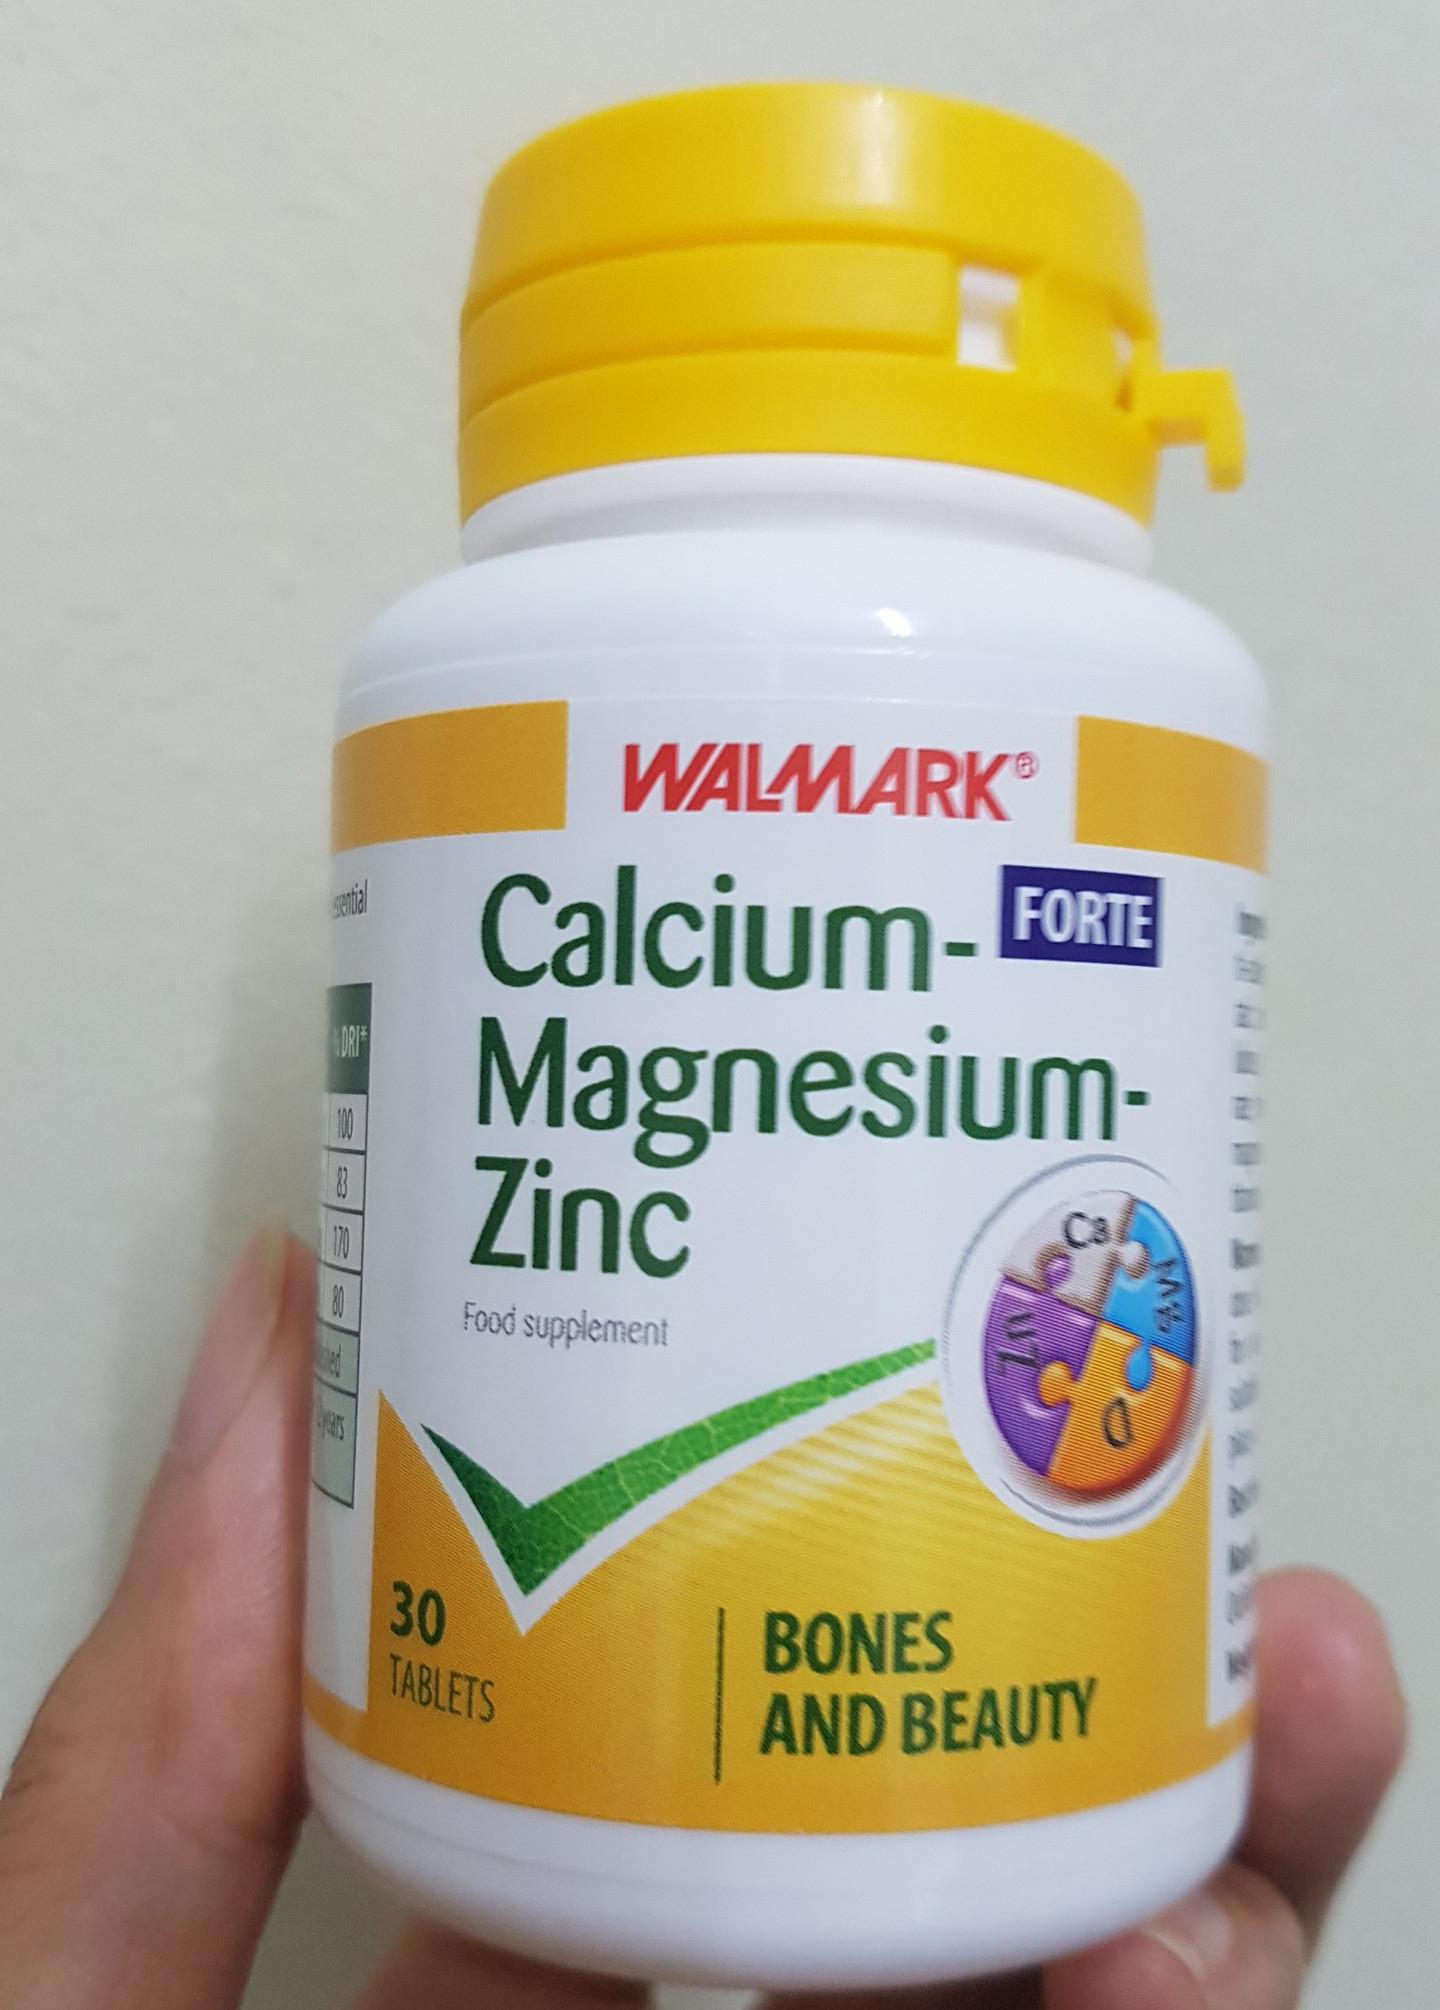 Hỗ trợ bổ sung các vitamin và dưỡng chất cần thiết cho sự phát triển của trẻ như calcium, magnesium, zinc forte.